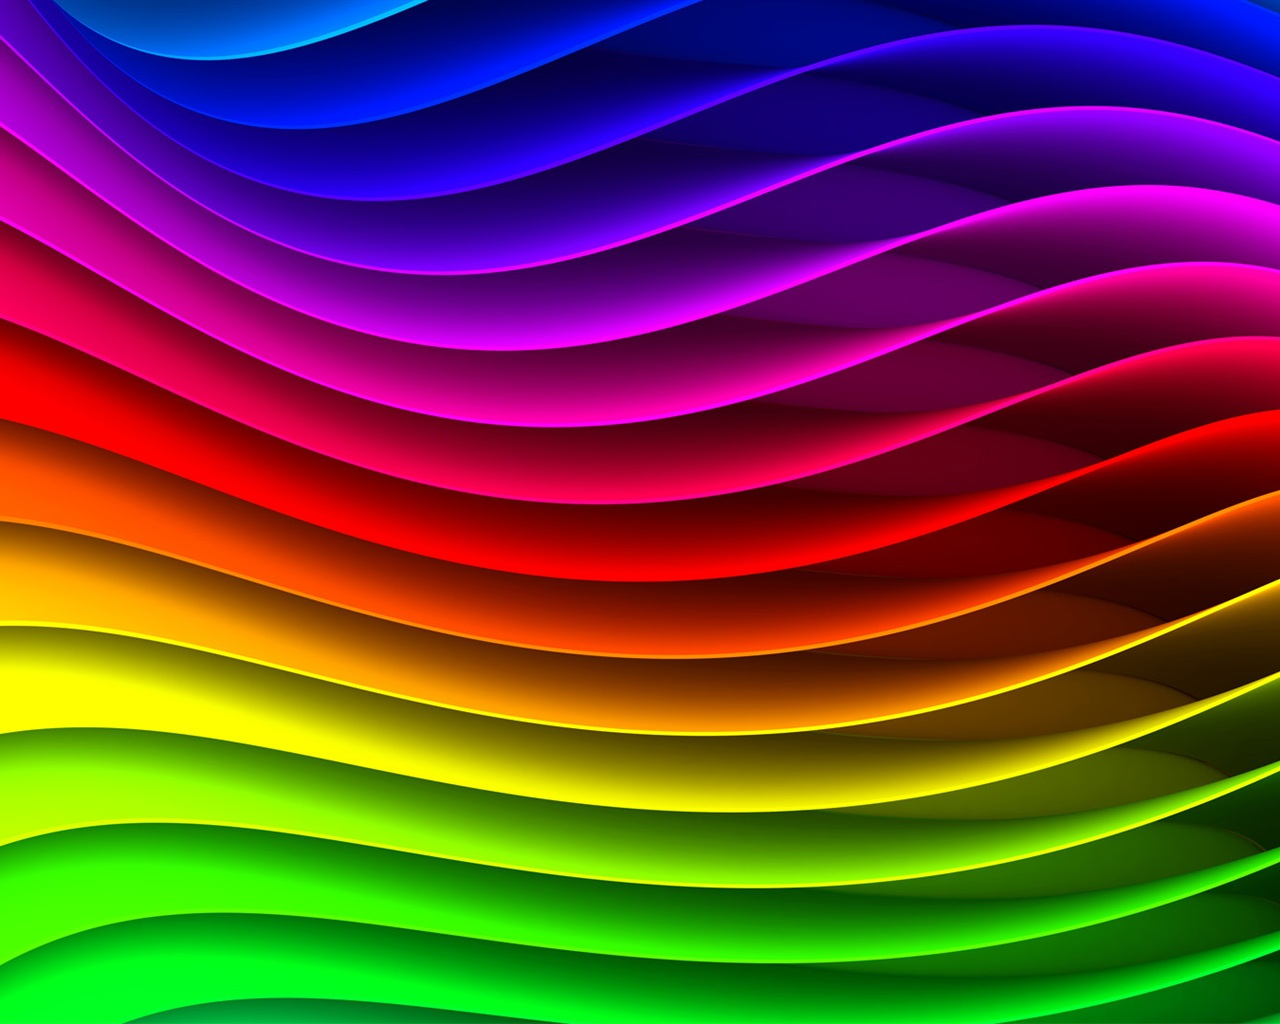 La Forma De Onda Abstracto Con Rayas, Los Colores Del Arco